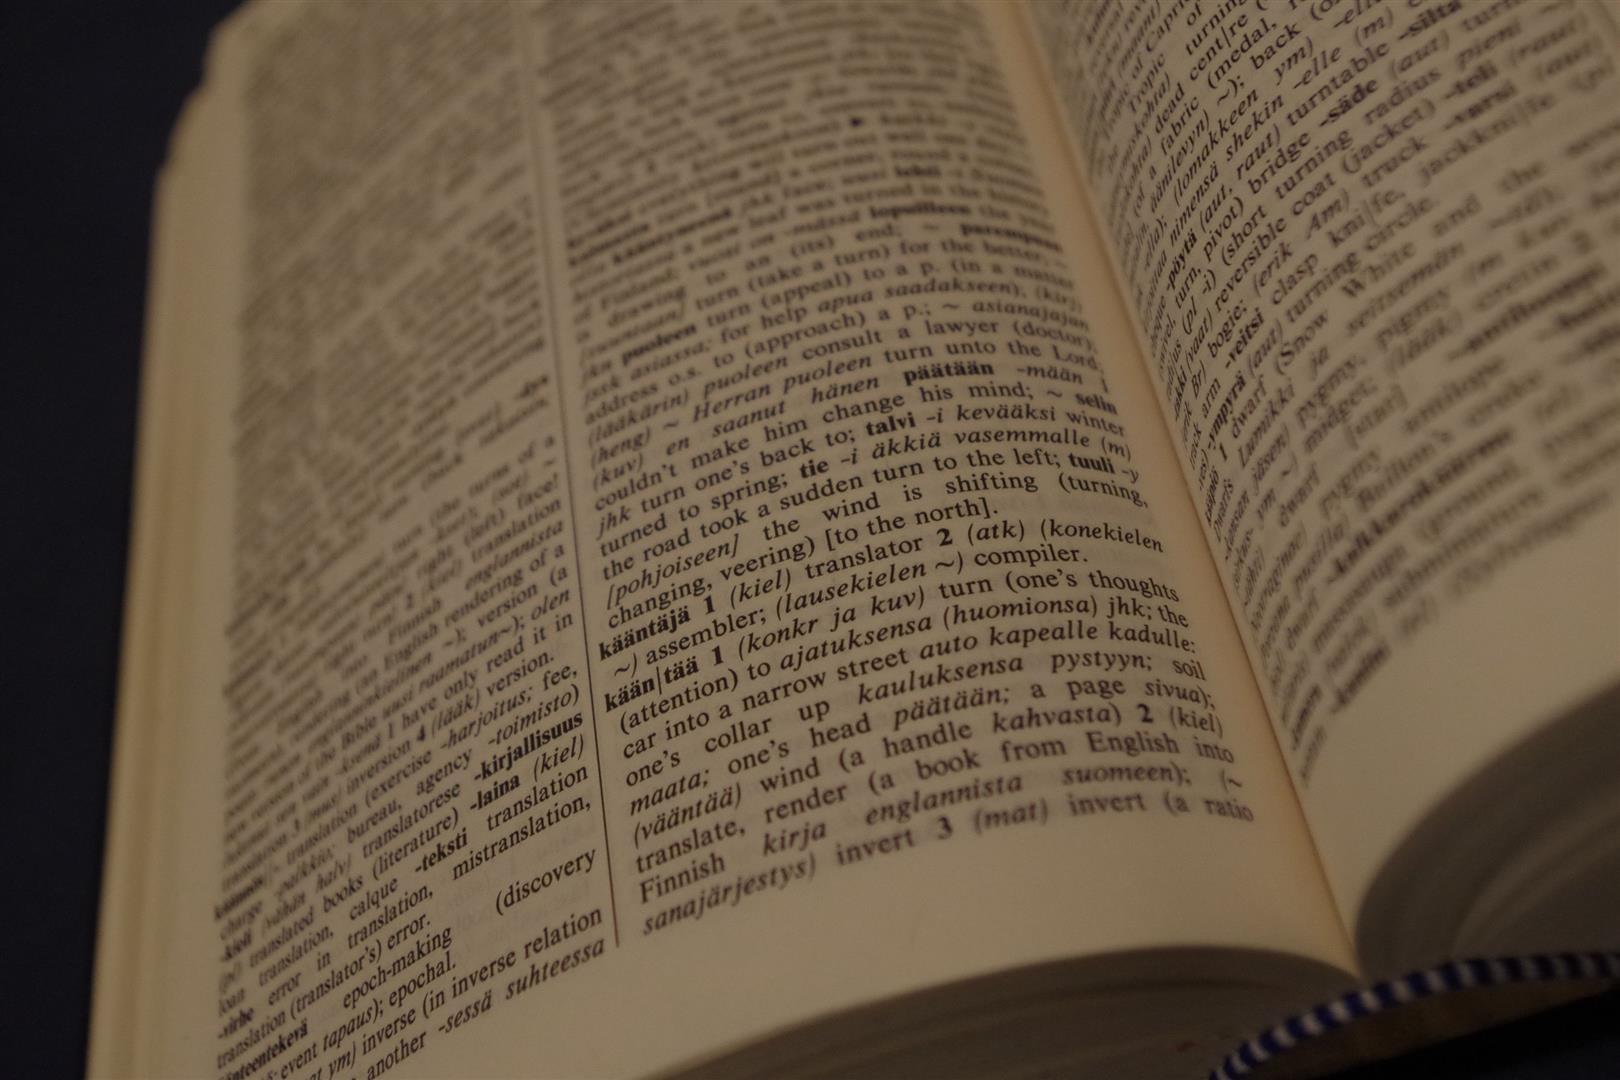 Kääntää-verbin merkitys